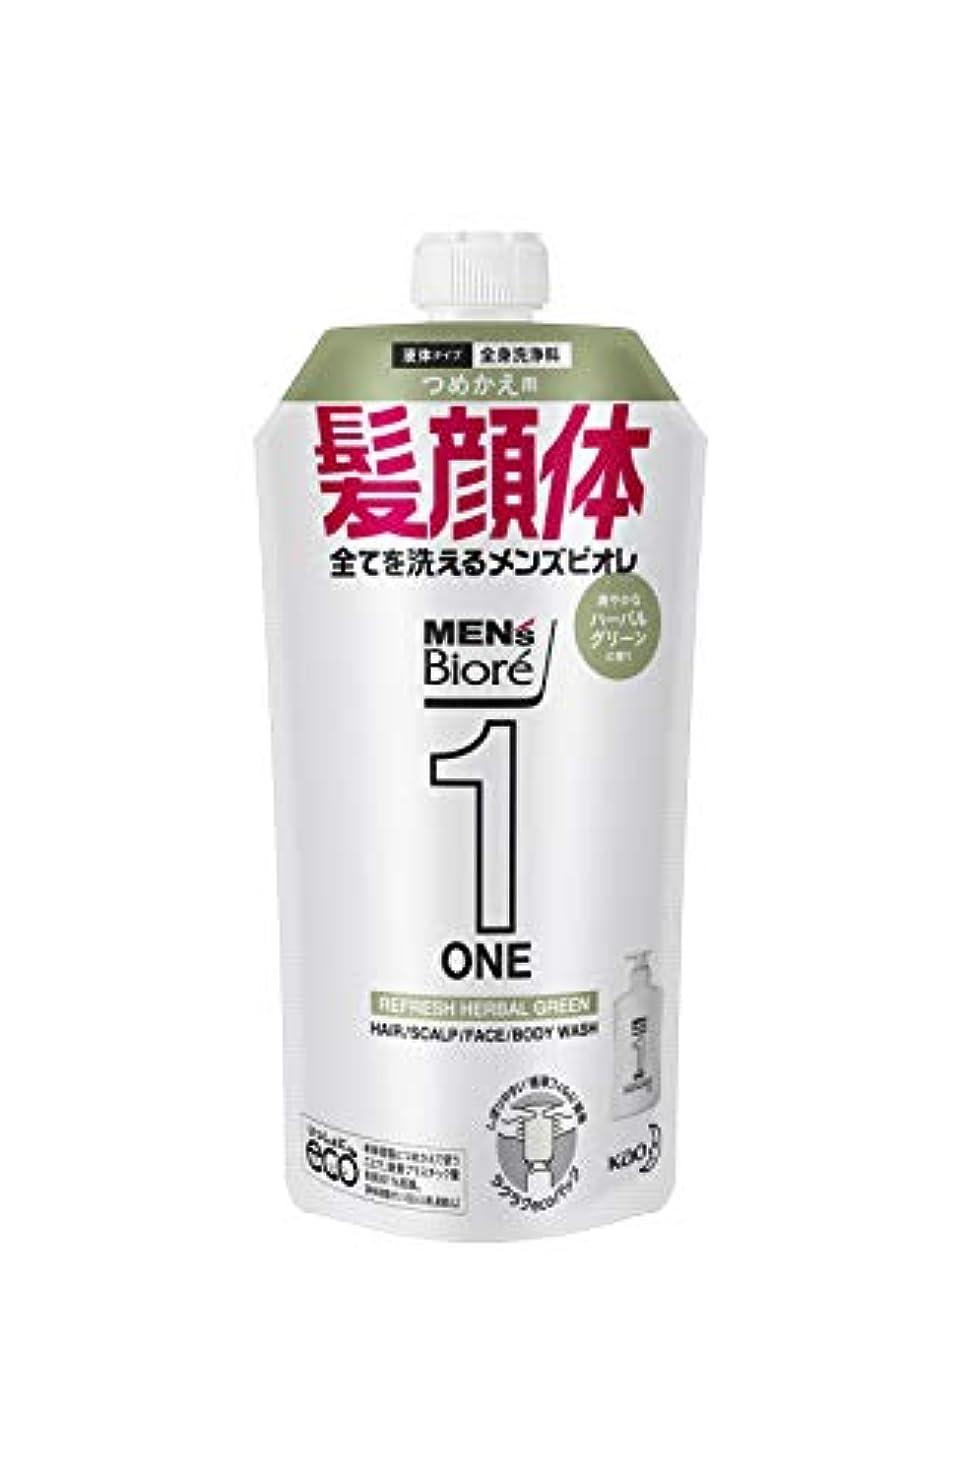 廃棄するマンハッタンゴールメンズビオレワン オールインワン 全身洗浄料 爽やかなハーバルグリーンの香り つめかえ用 340ml